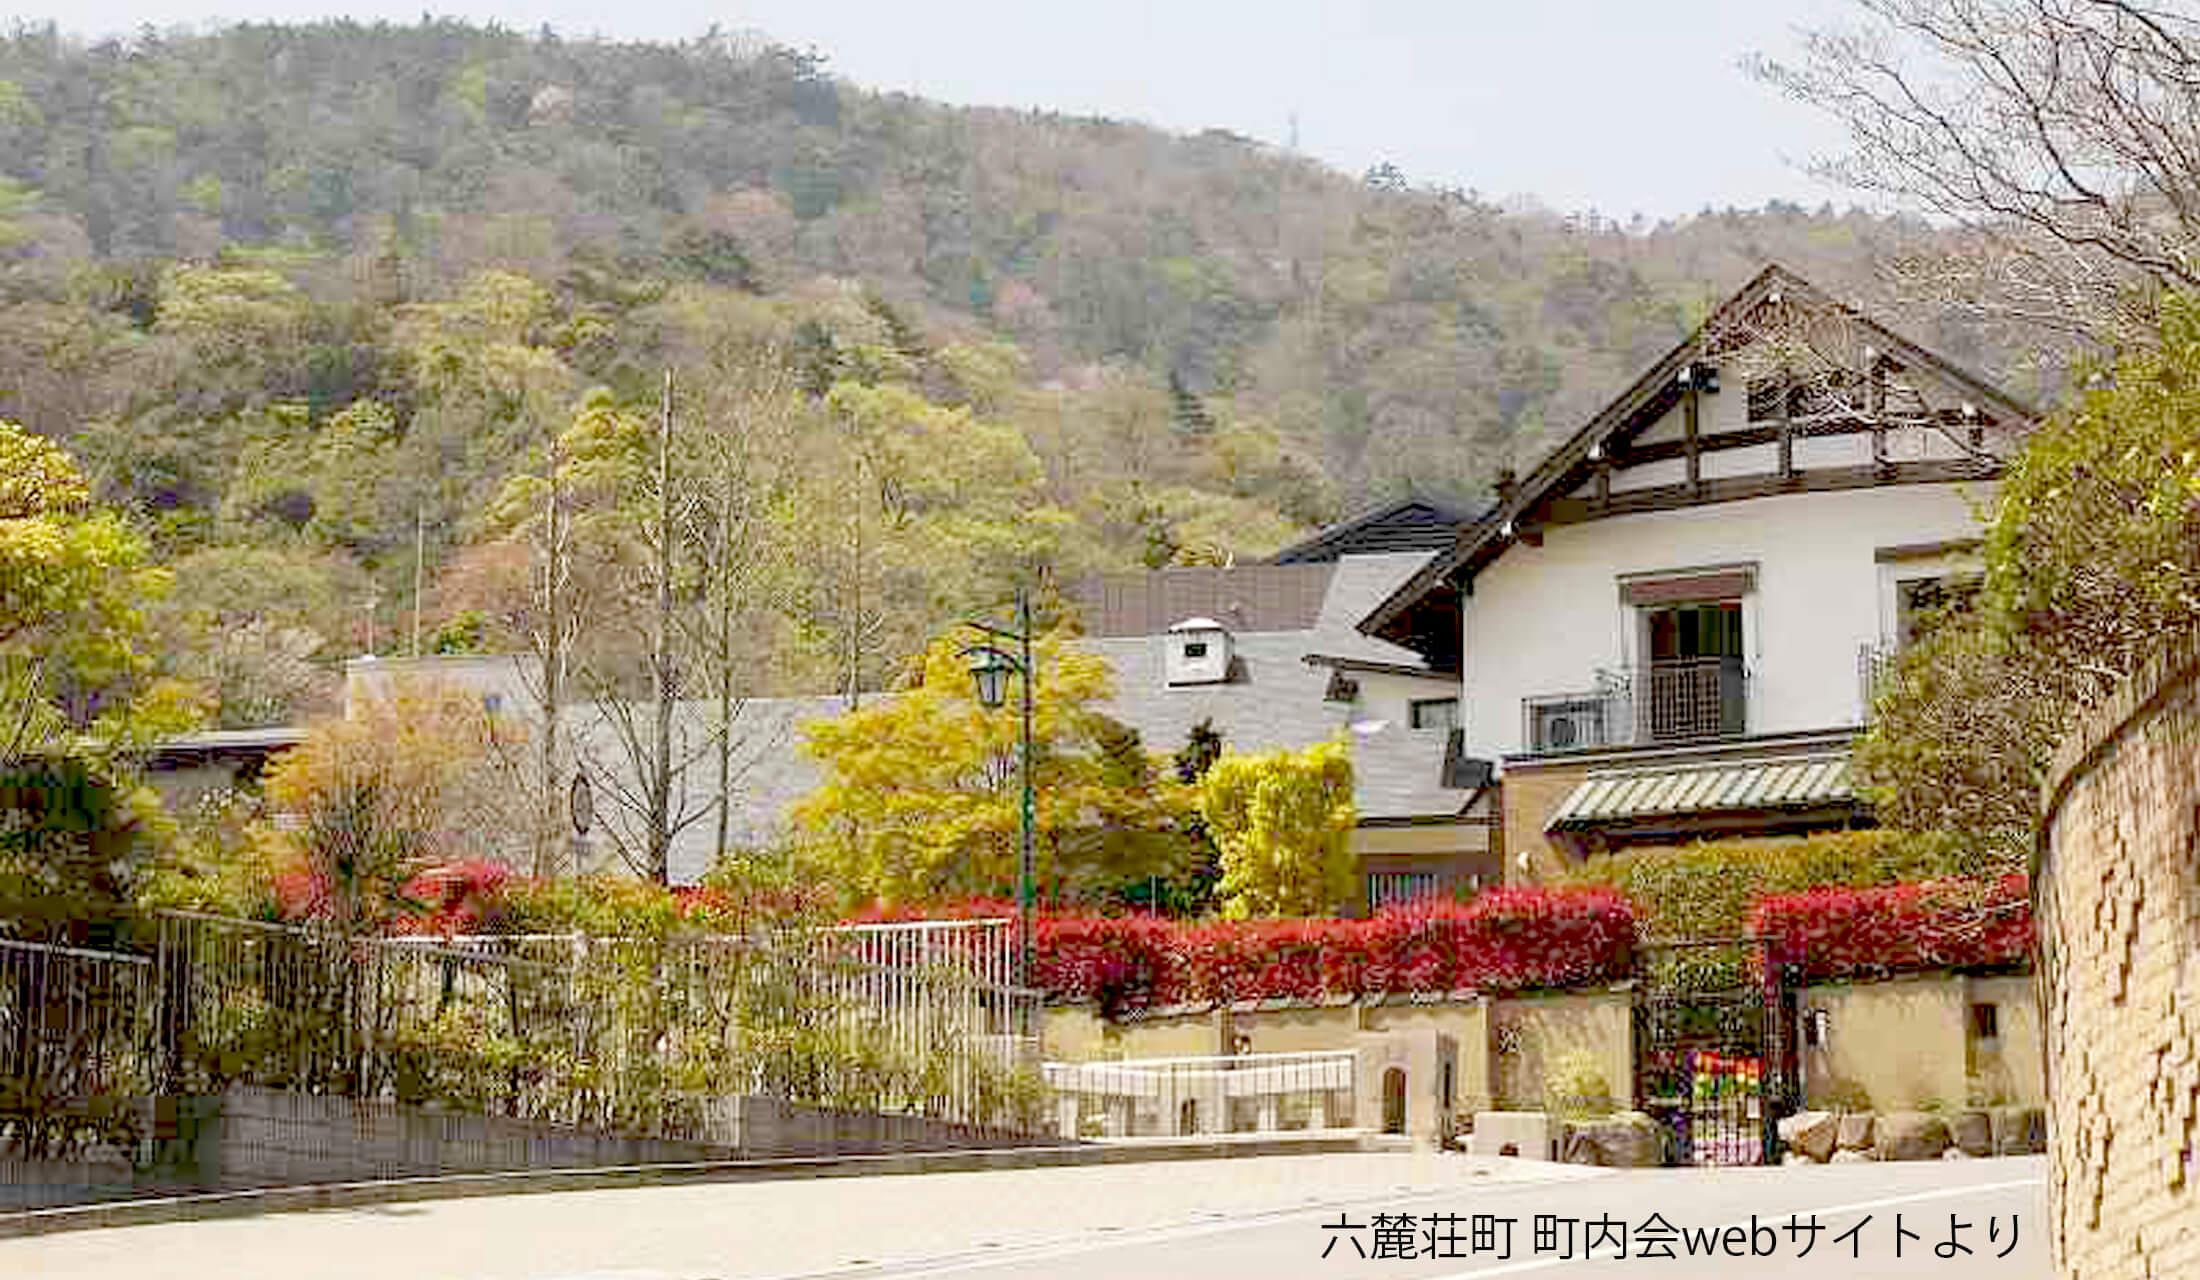 六甲山麓を背景に広い敷地に建つ豪邸。庭には木々が植わっている。